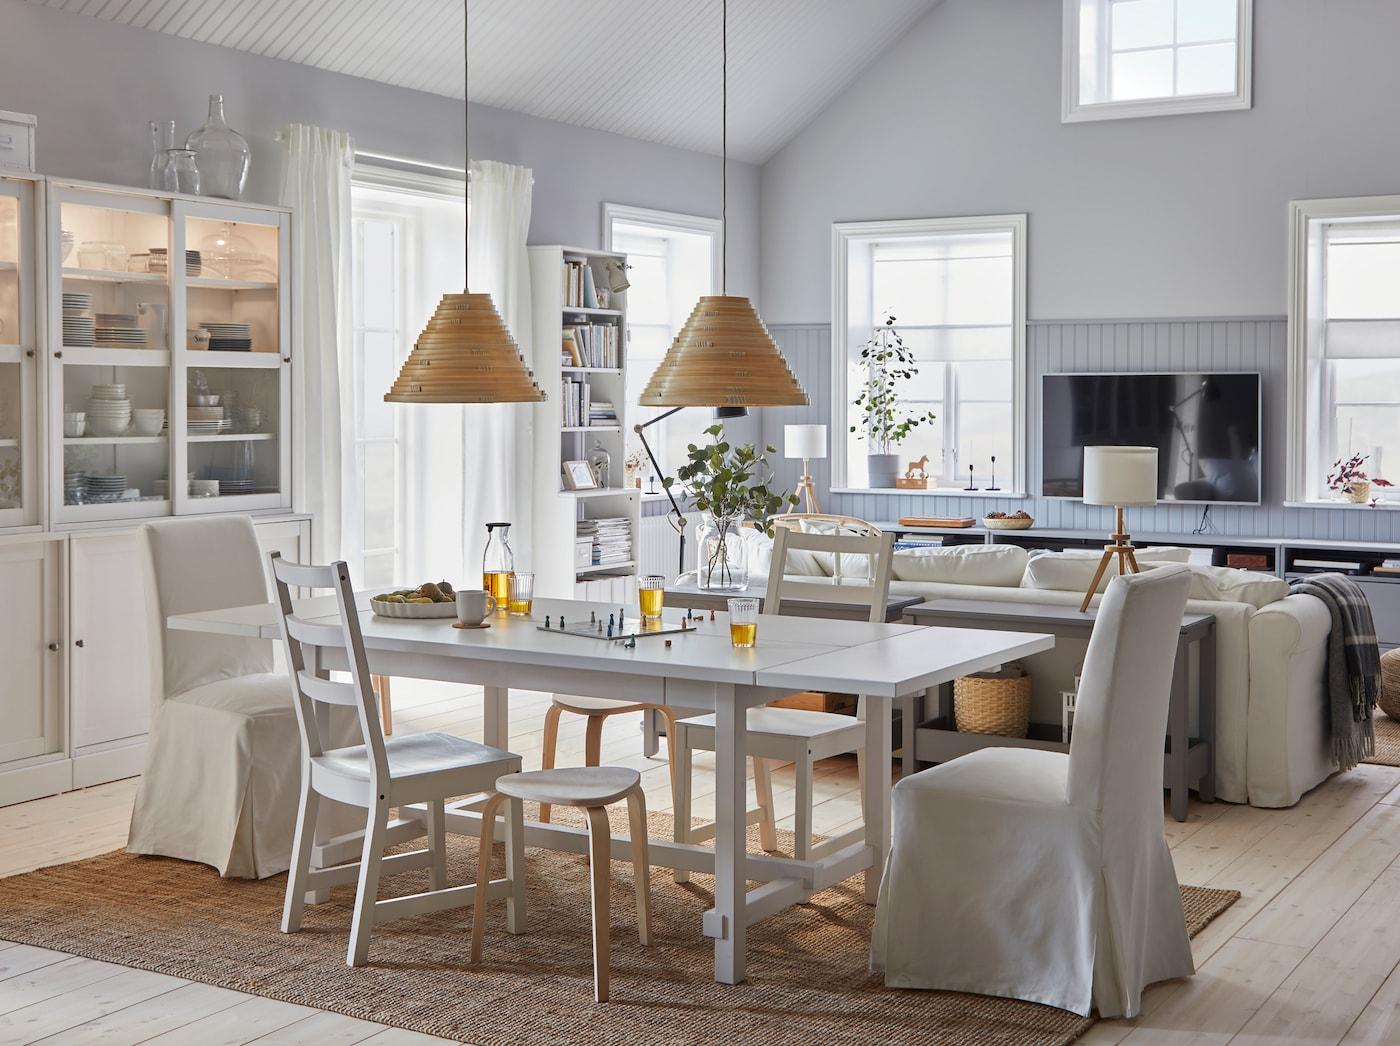 Ruang makan yang luas dan terang dengan ruang tamu yang bersambung. Meja makan boleh dipanjangkan dan bangku menyediakan lebih banyak tempat duduk.